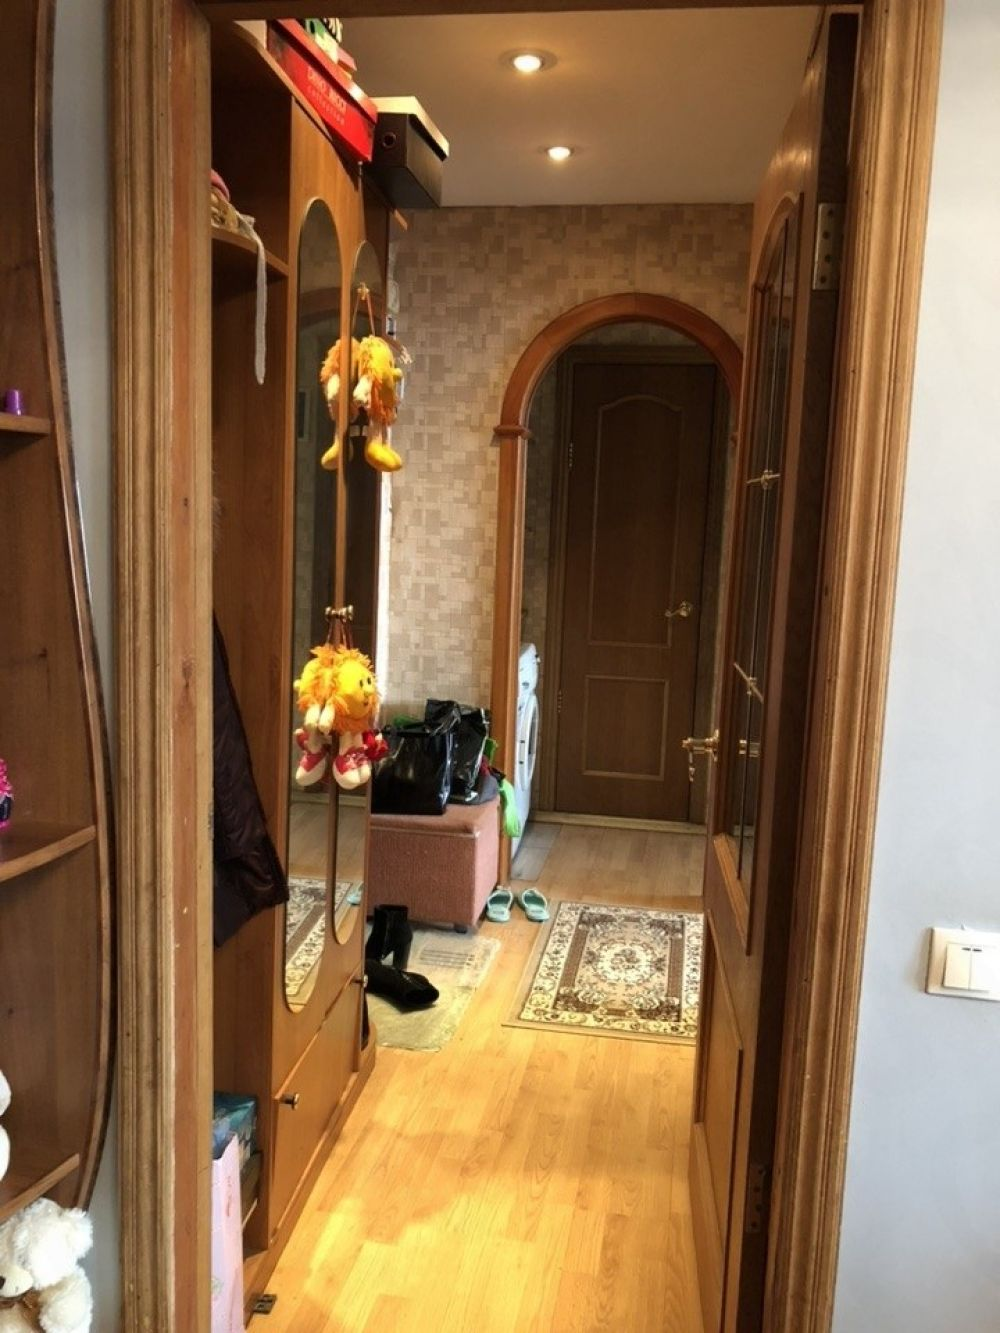 Продается 2-к квартира Щелково ул.Талсинская дом 8, фото 5